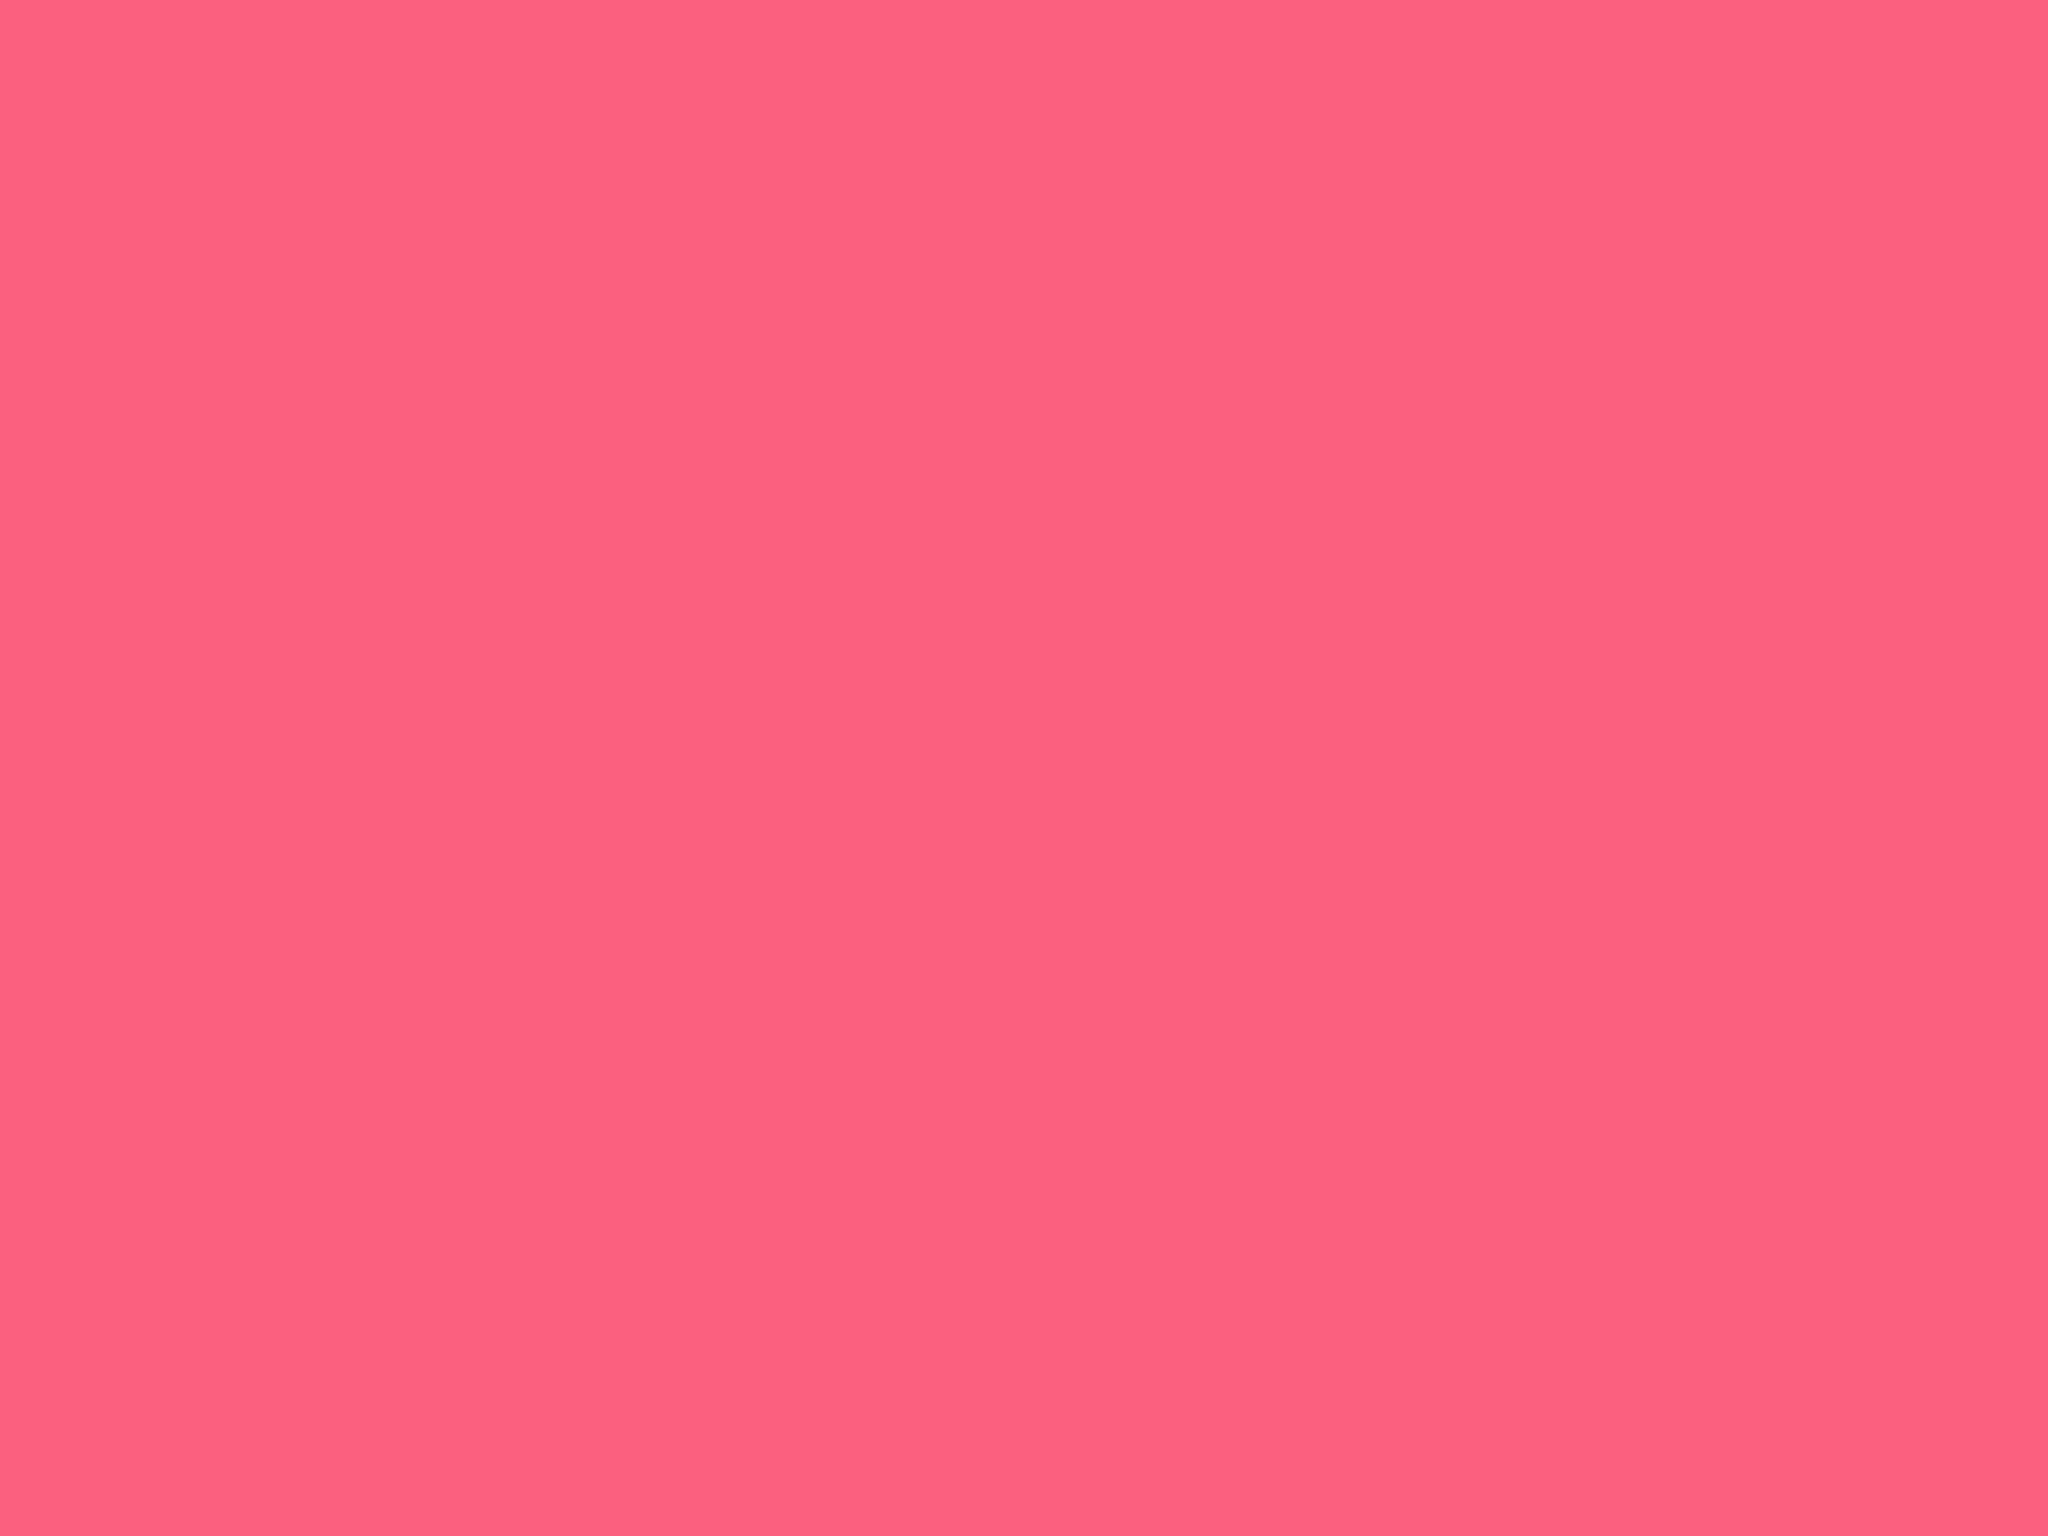 2048x1536 Brink Pink Solid Color Background